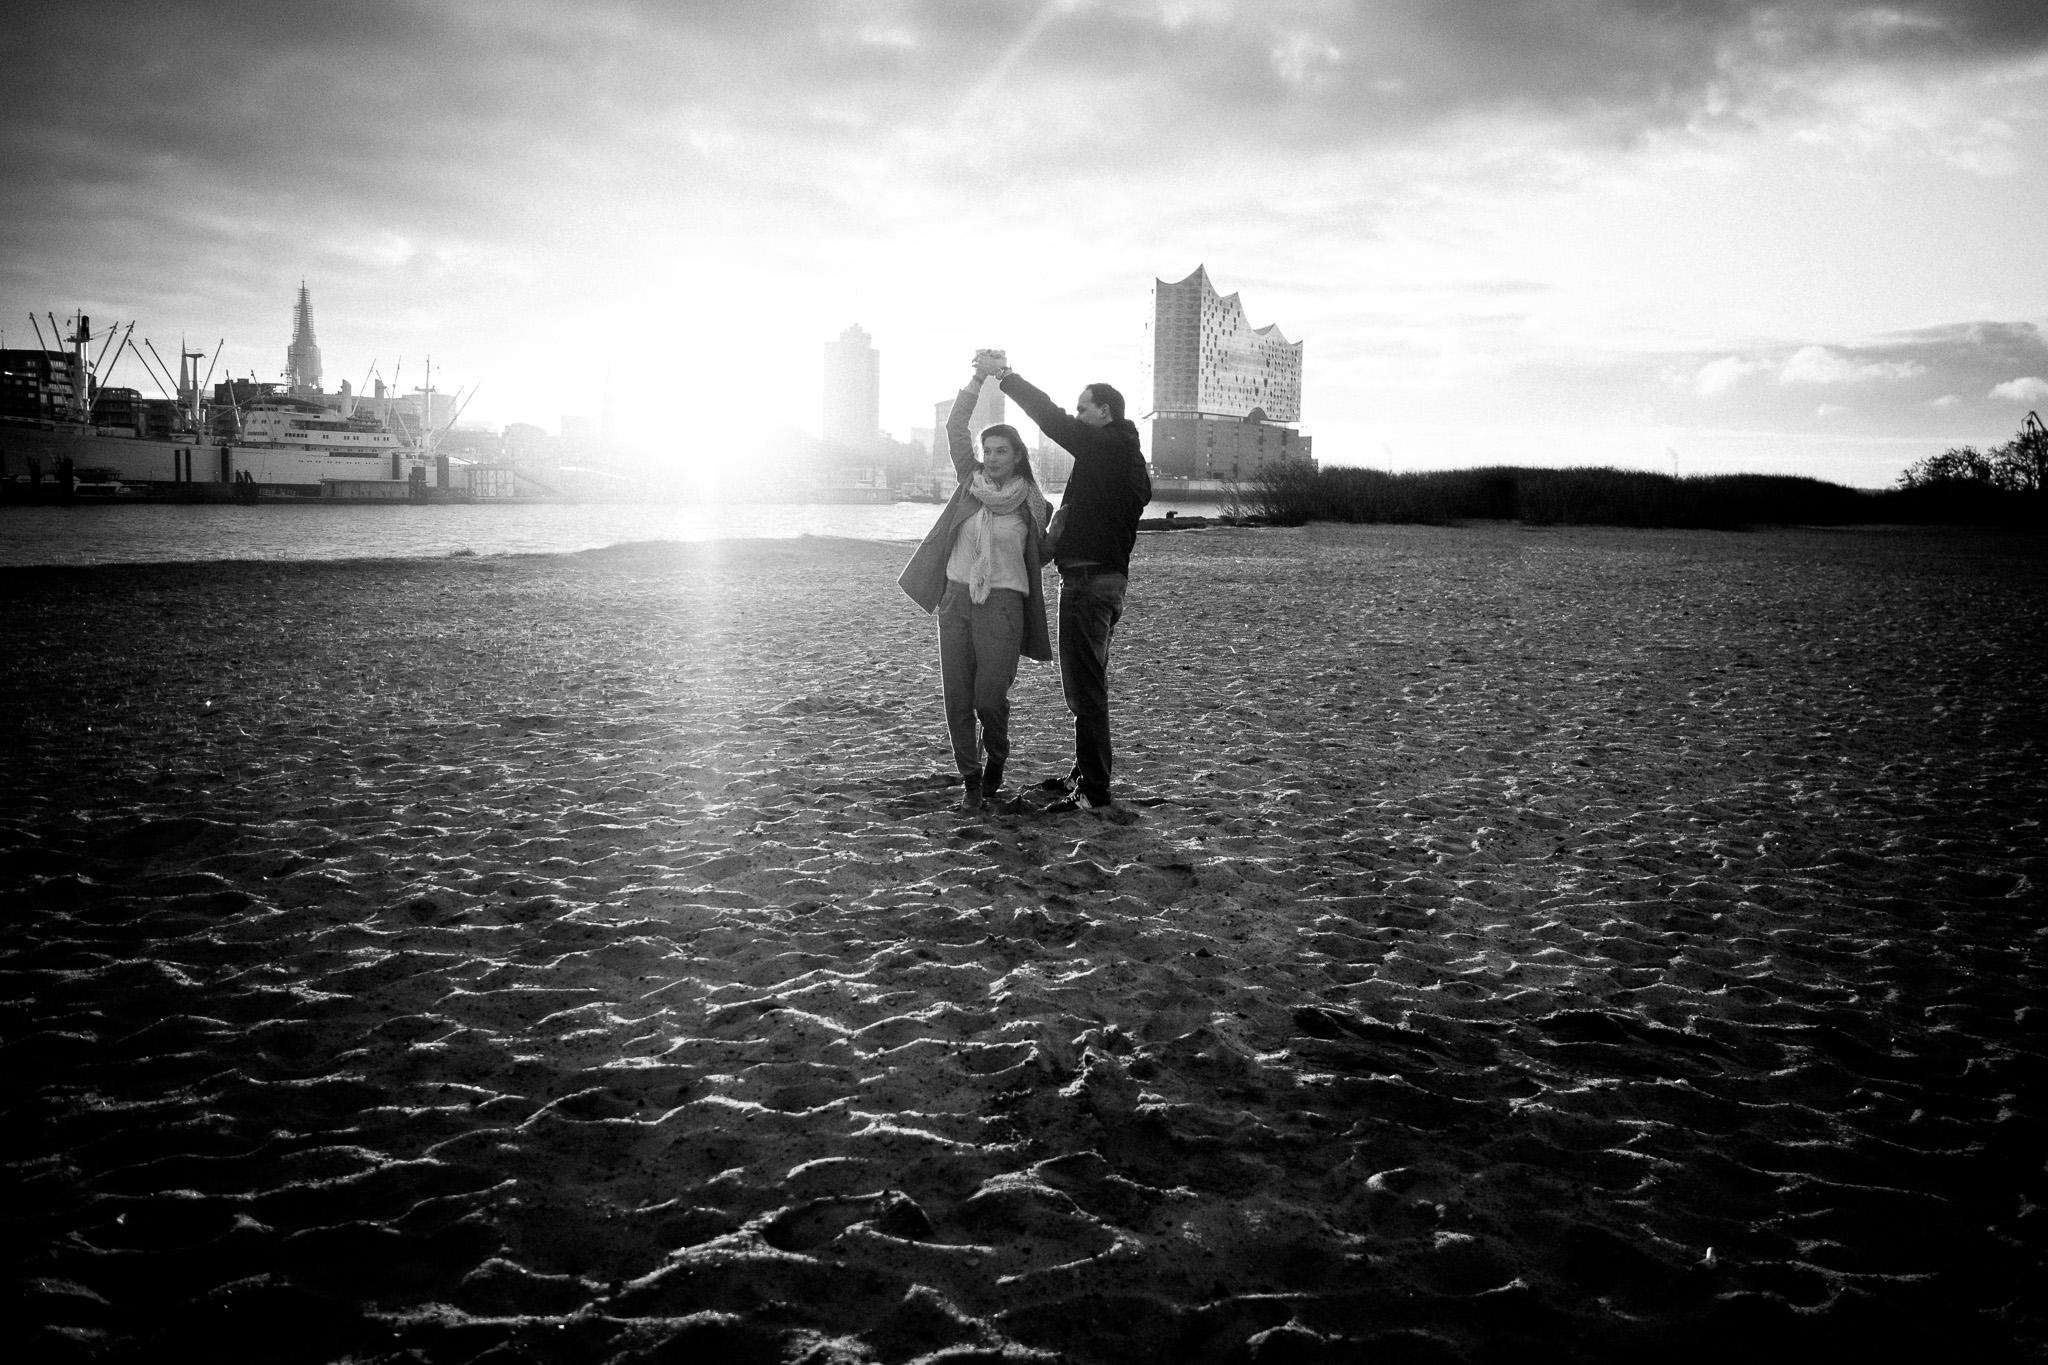 hochzeit-fotograf-Hamburg_torben_roehricht004